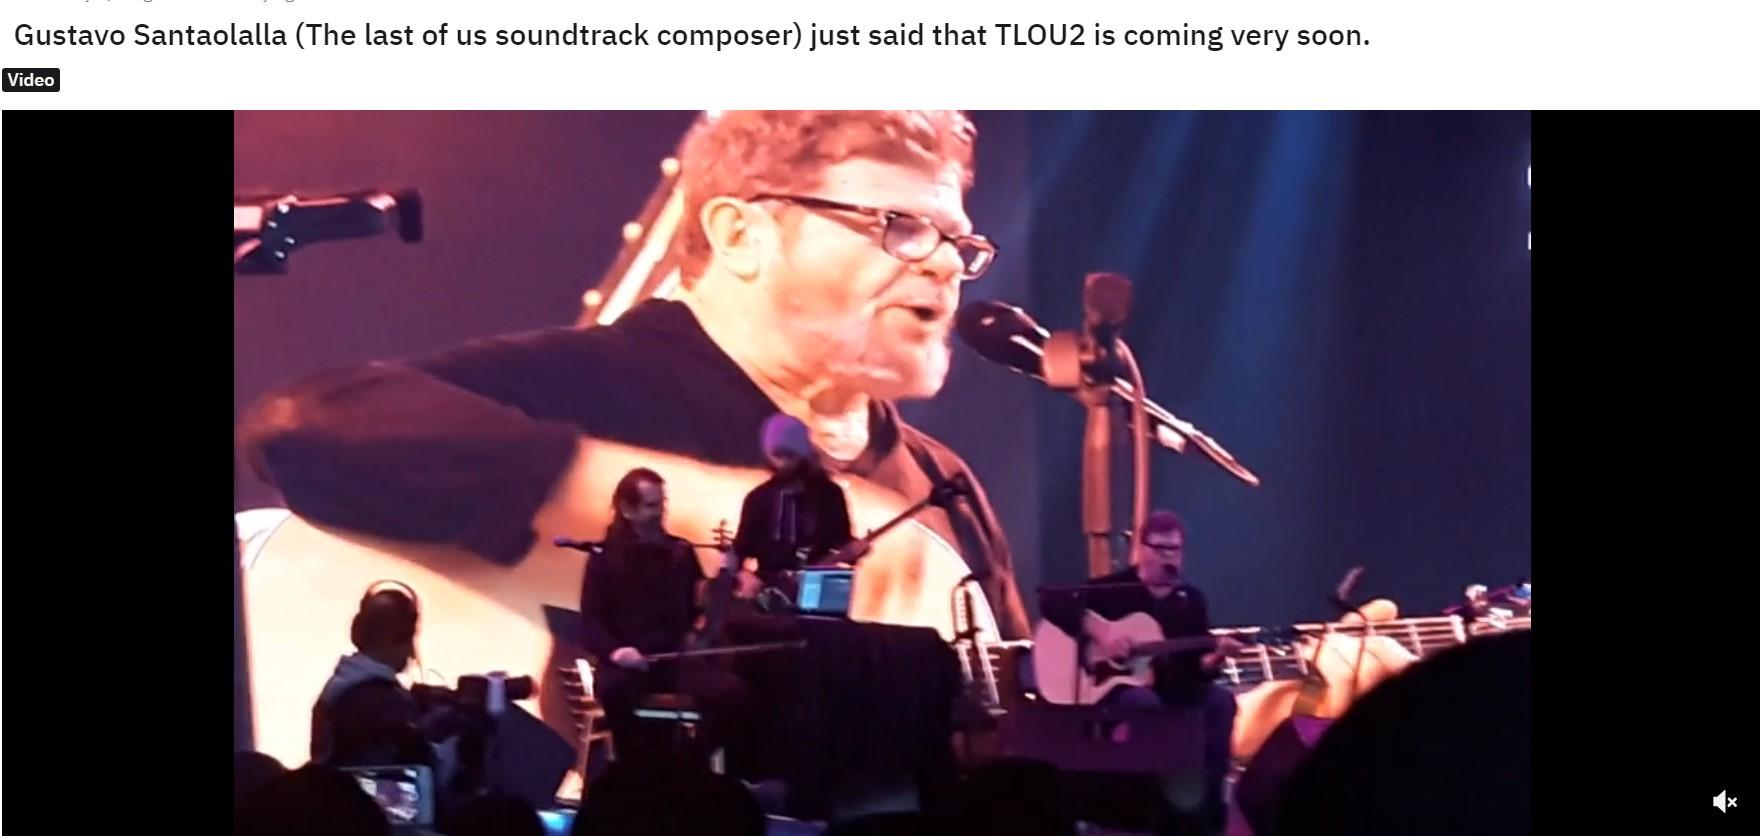 《美国末日2》基本锁定2019年发售 作曲师称很快将到来